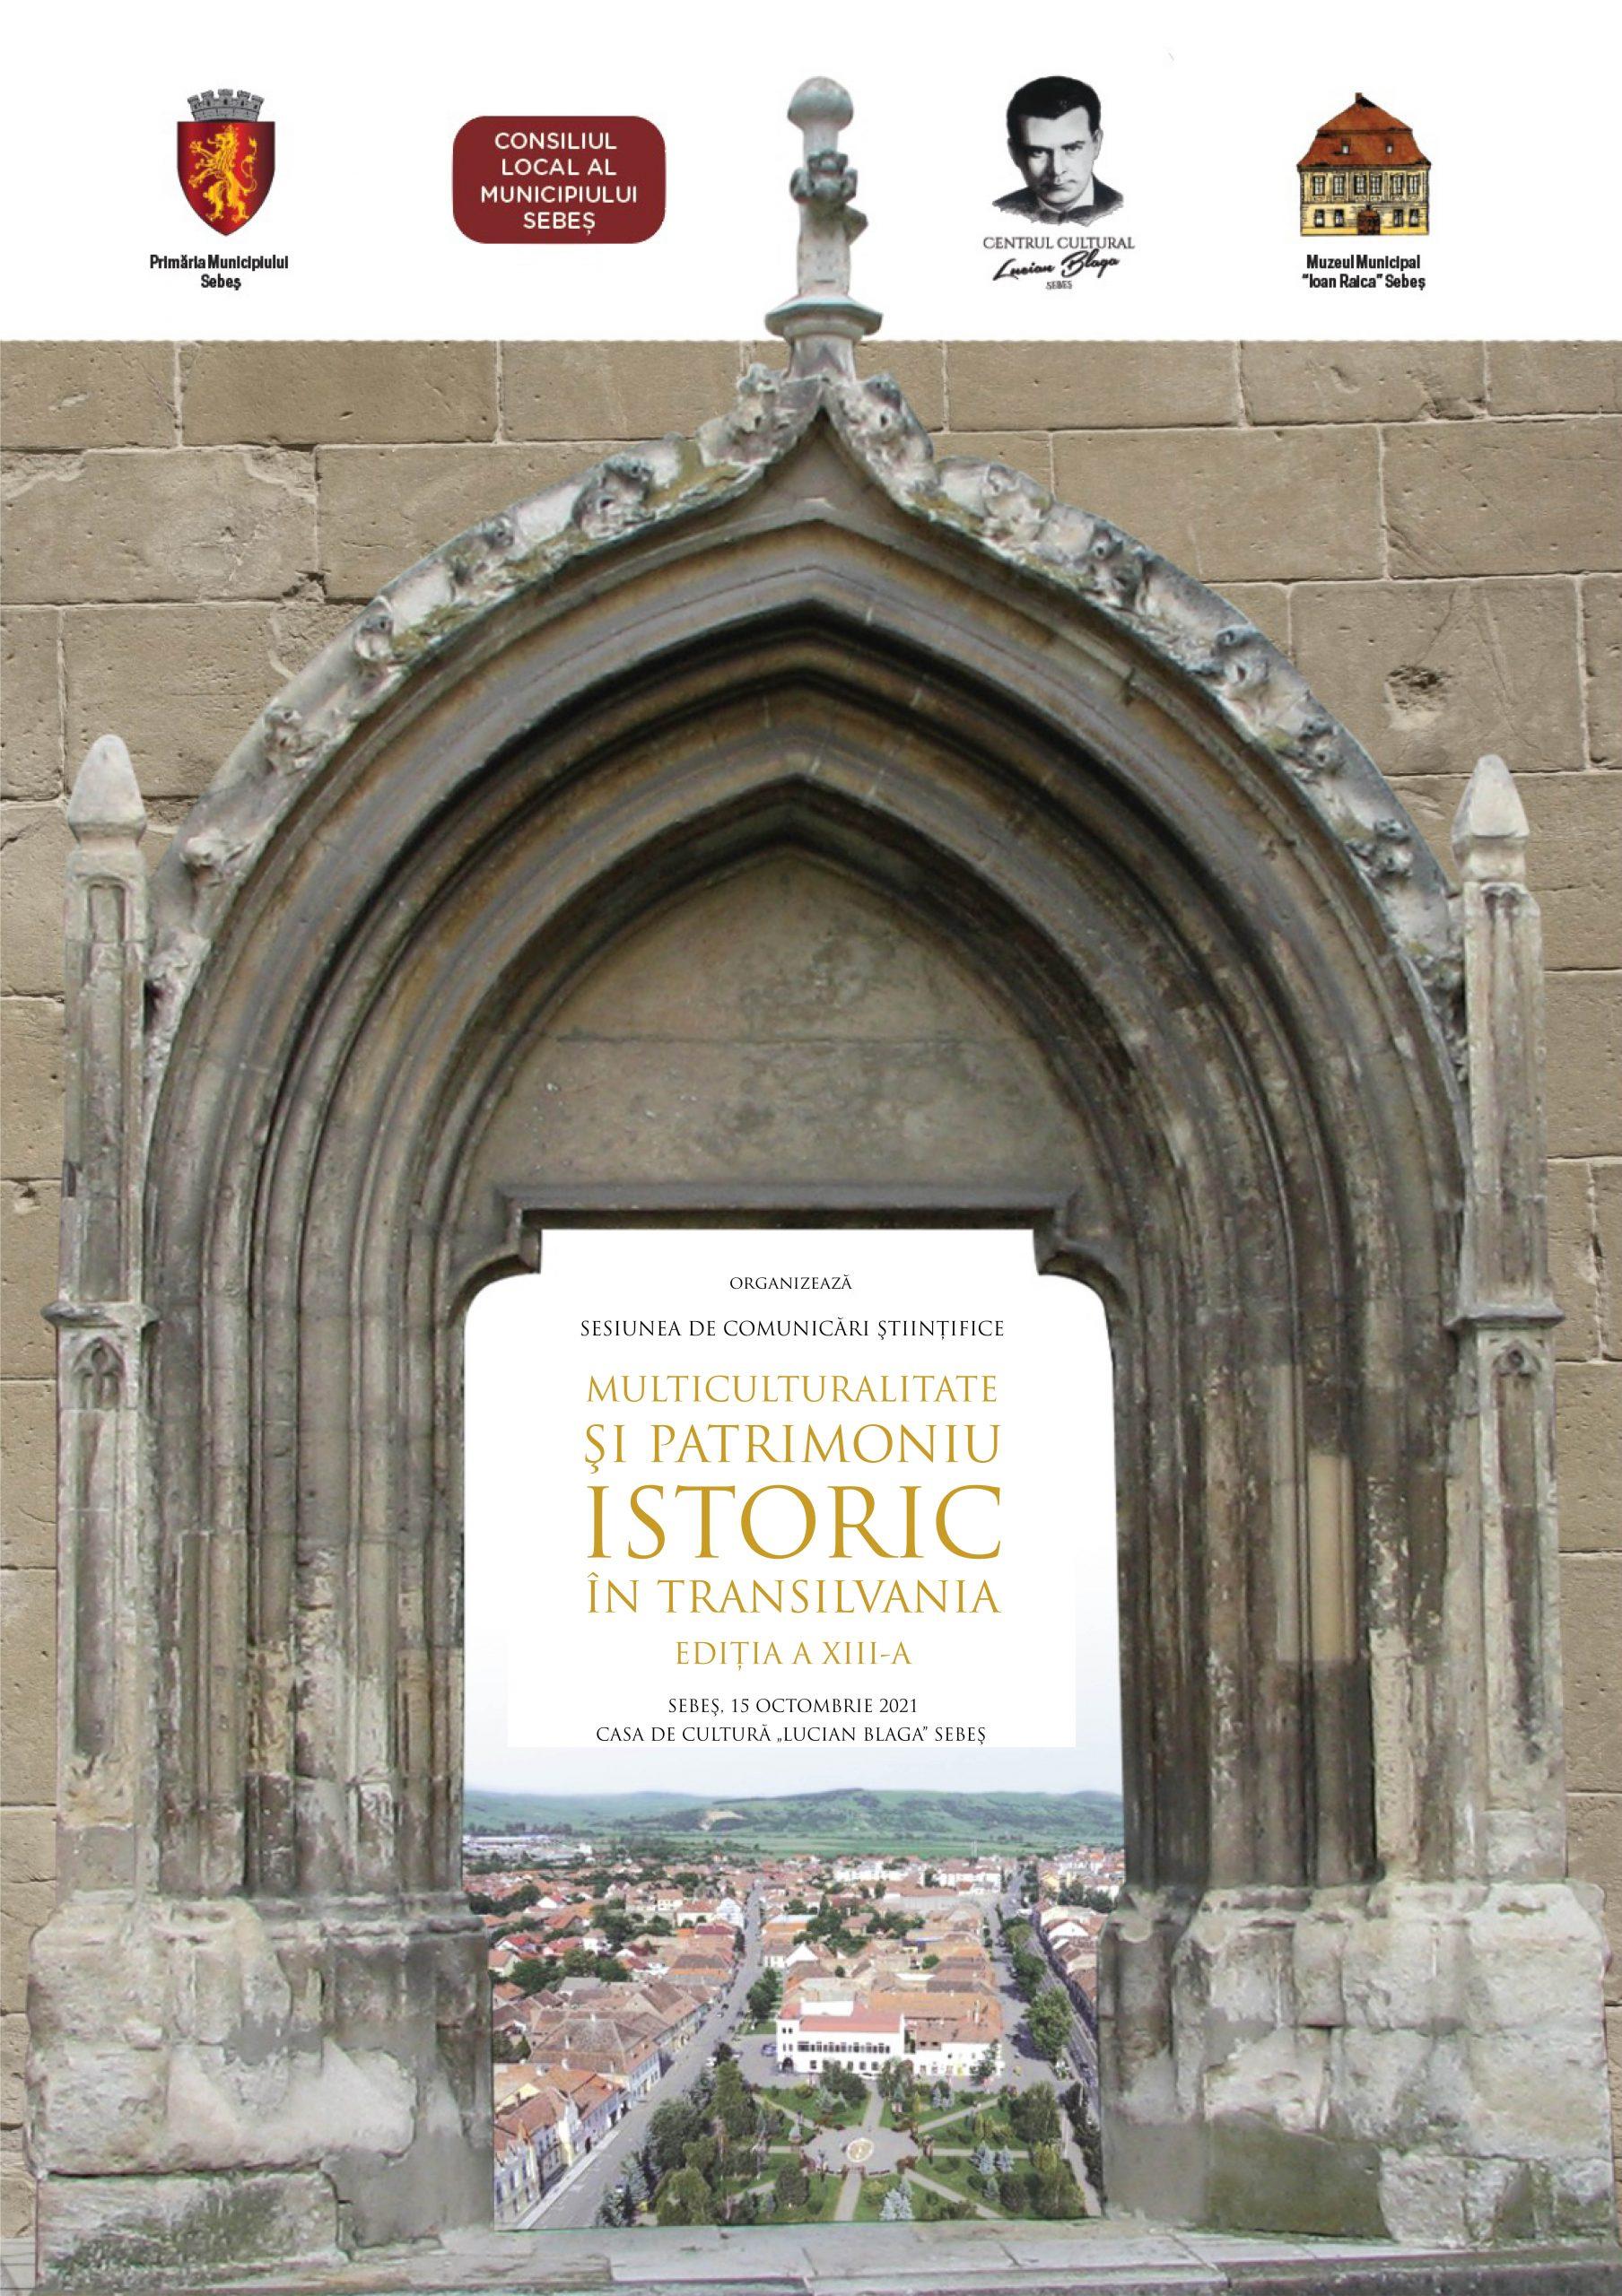 """Prestigioasa sesiune de comunicări științifice organizată de muzeul din Sebeș are loc vineri, 15 octombrie. """"Multiculturalitate și patrimoniu istoric în Transilvania"""" este genericul sub care conferențiază 36 de cercetători"""